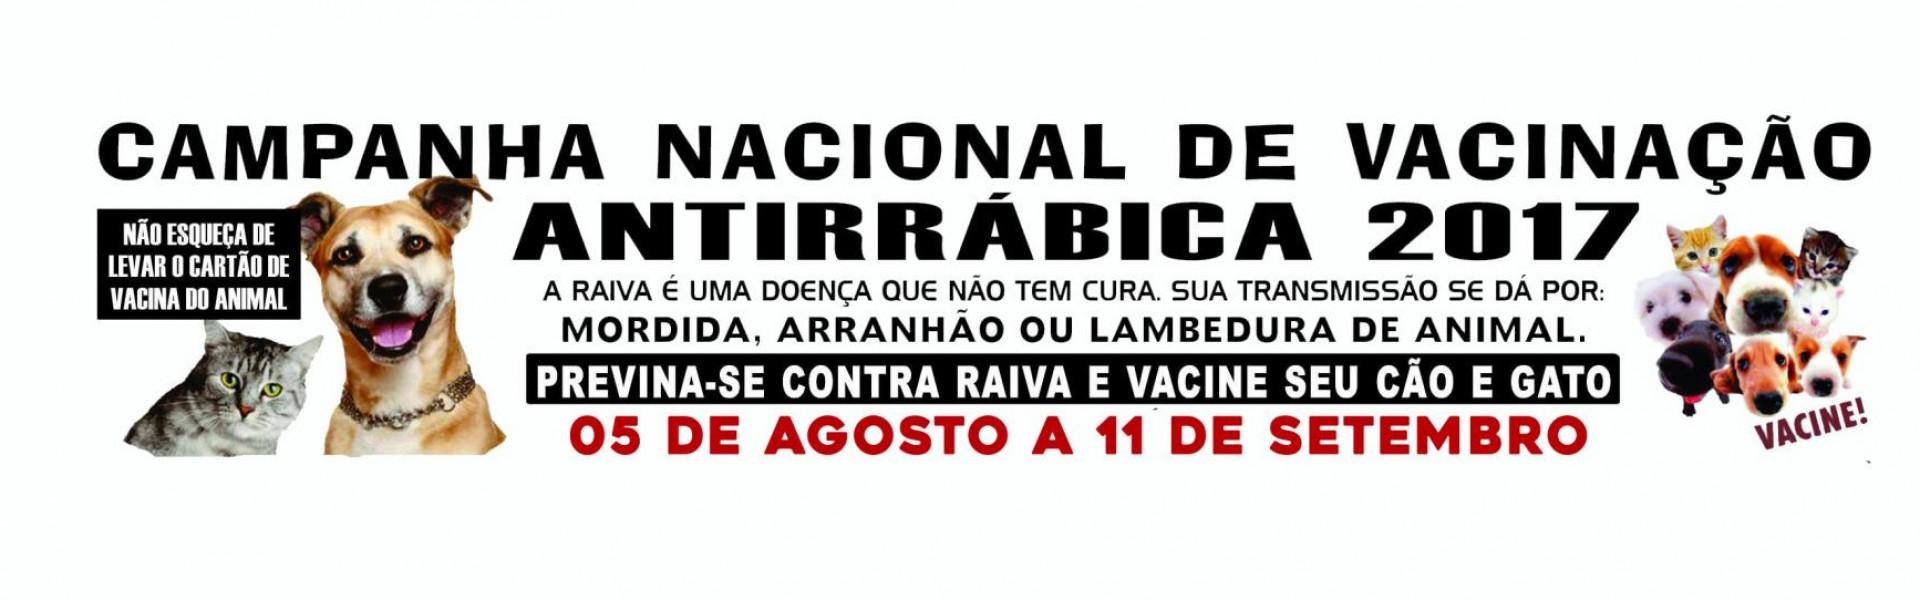 Campanha de vacinação antirrábica começa no dia 05 de agosto